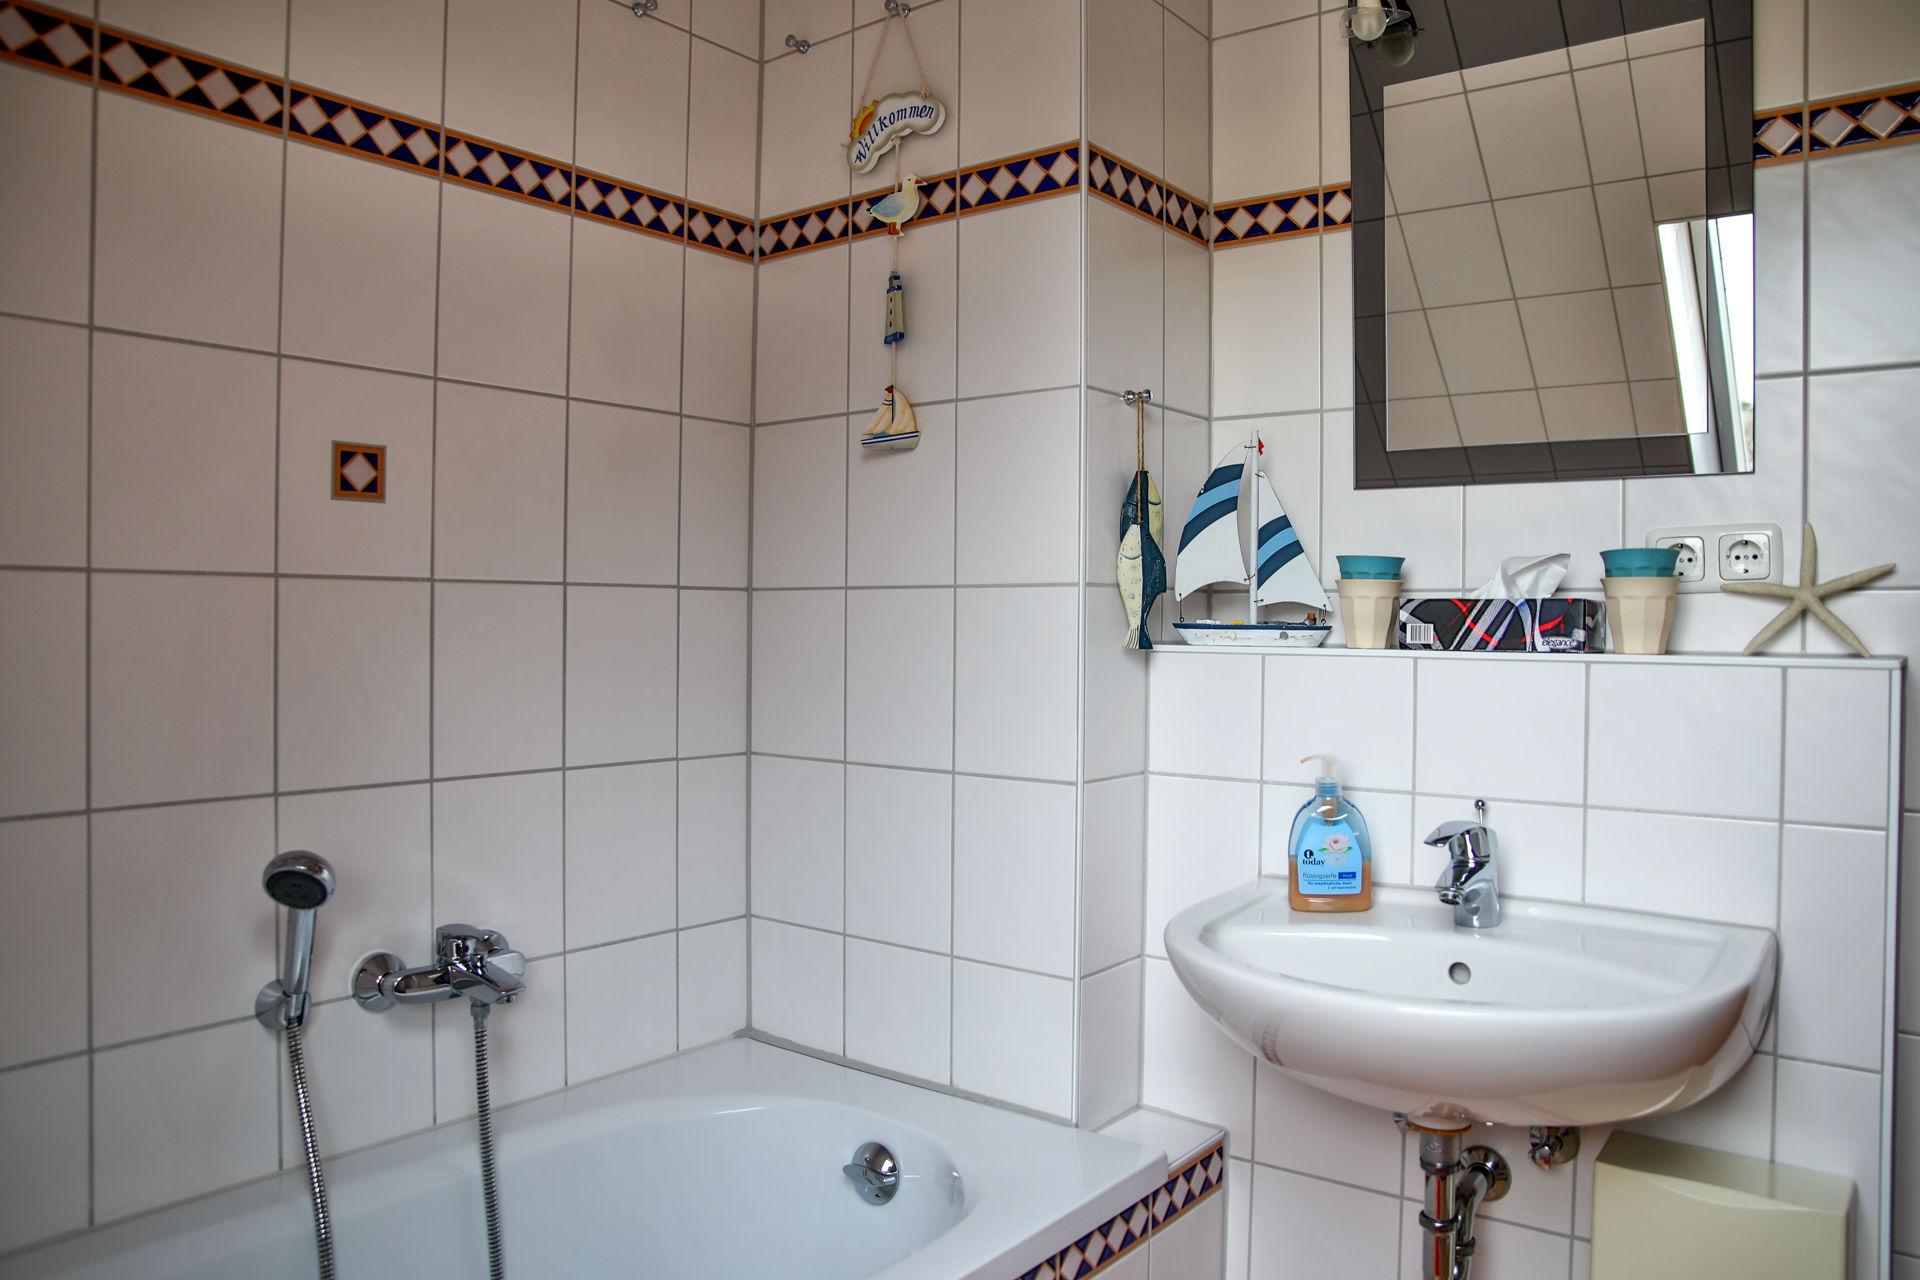 Bad, mit Blick auf die Badewanne